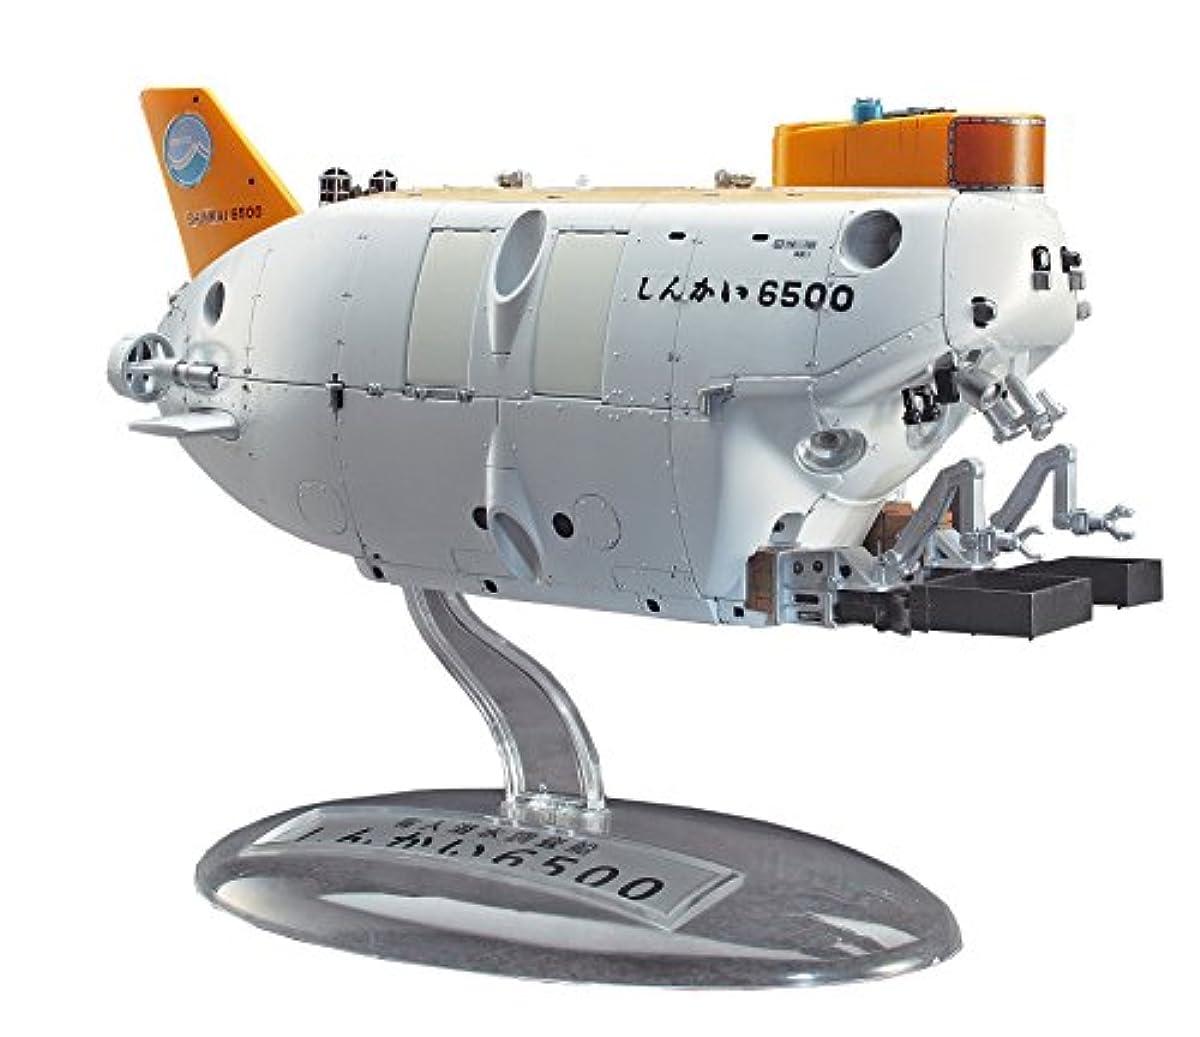 [해외] 하세가와 1/72 야나기 잠수 조사선 게 하니 6500 추진 기개조형 2012 프라모델  SW03